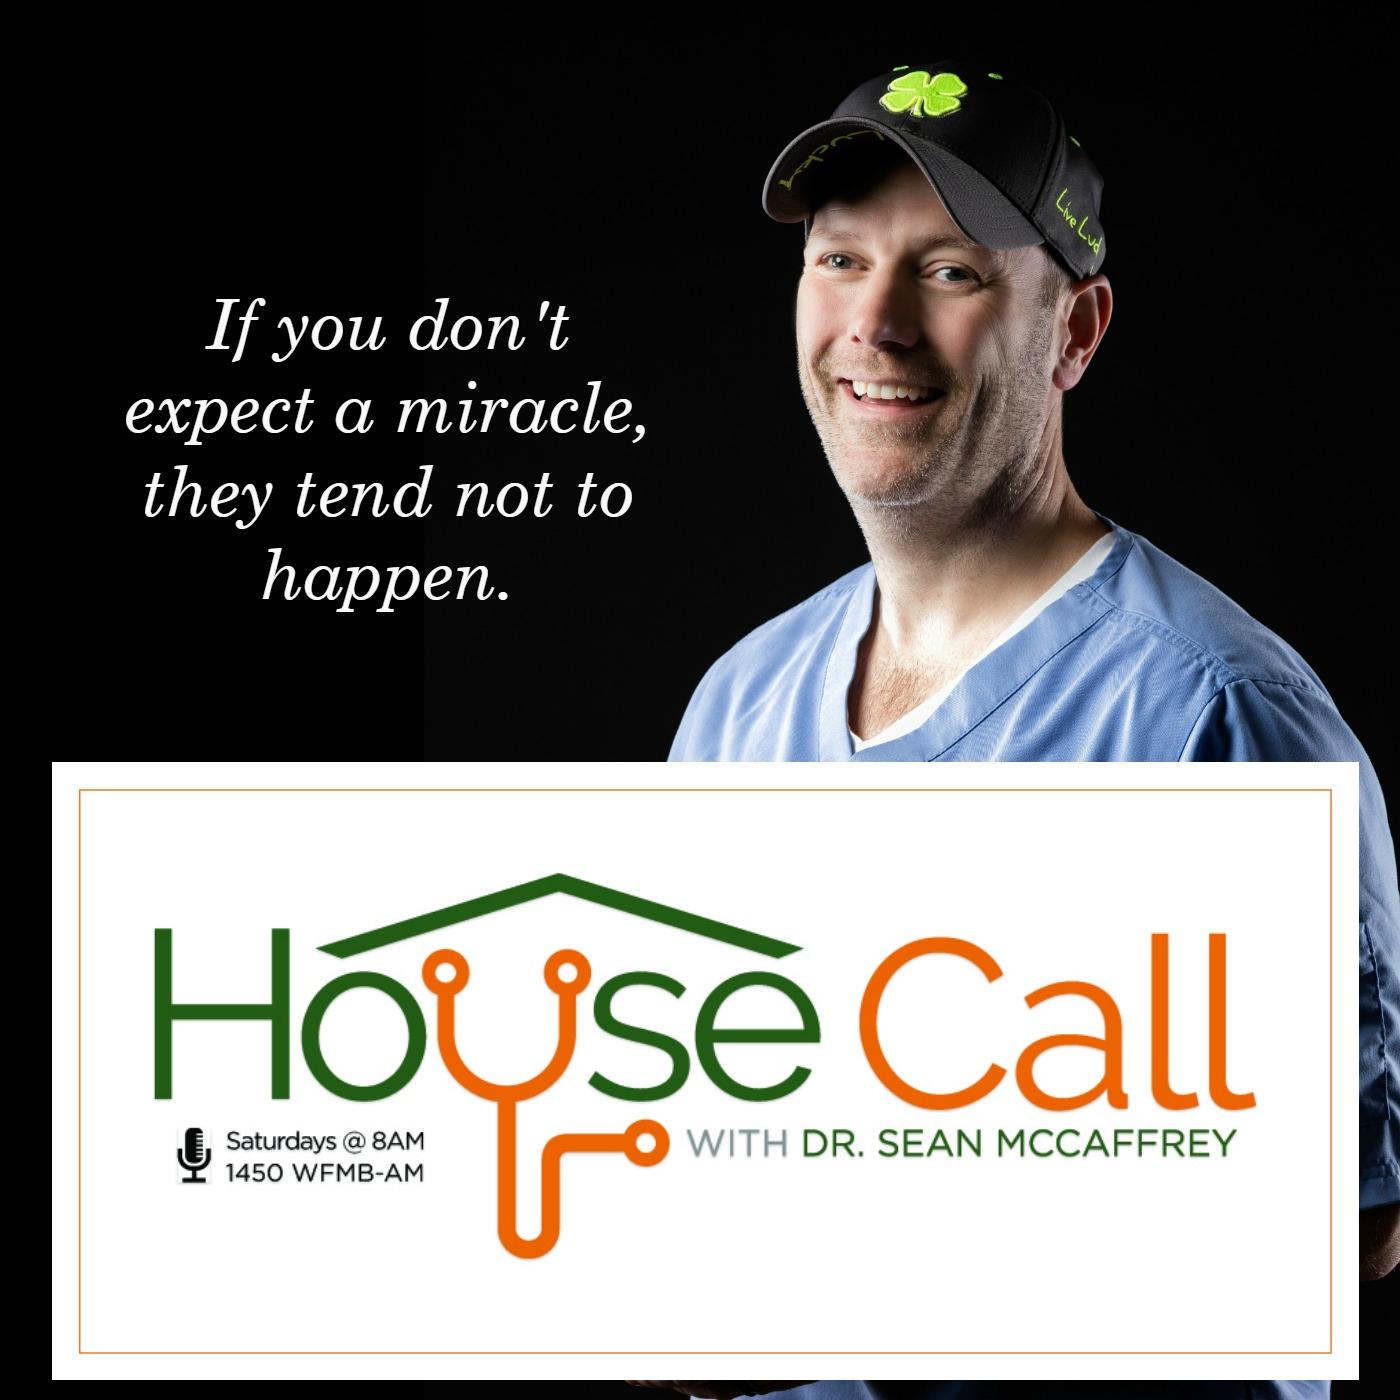 House Call with Dr. Sean McCaffrey  show art